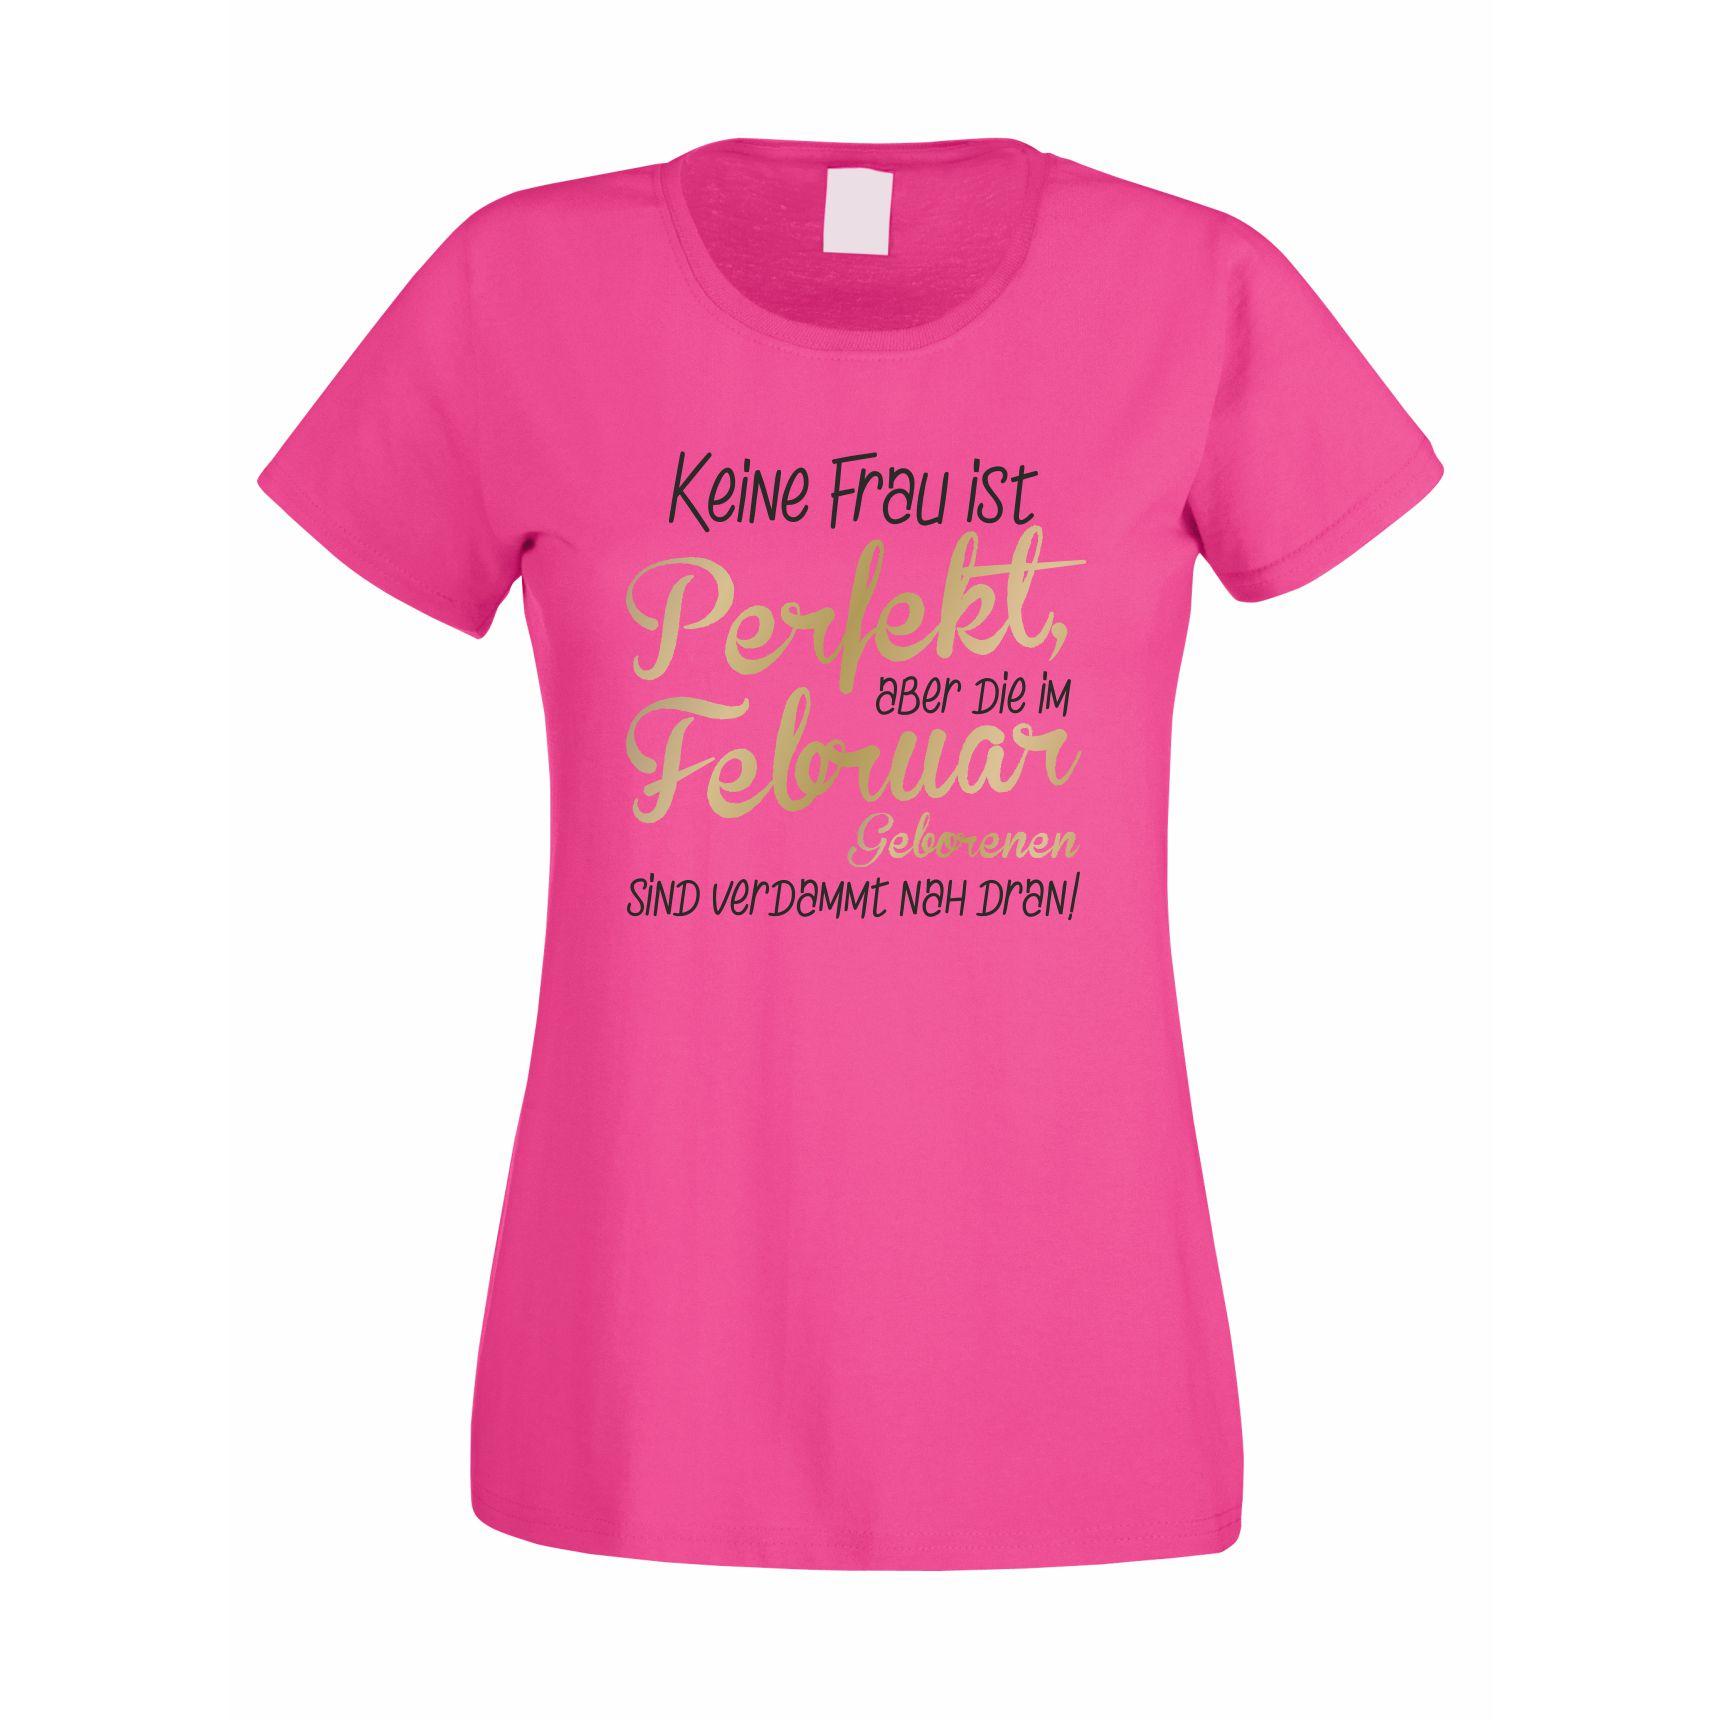 T shirt Designen: September 2014